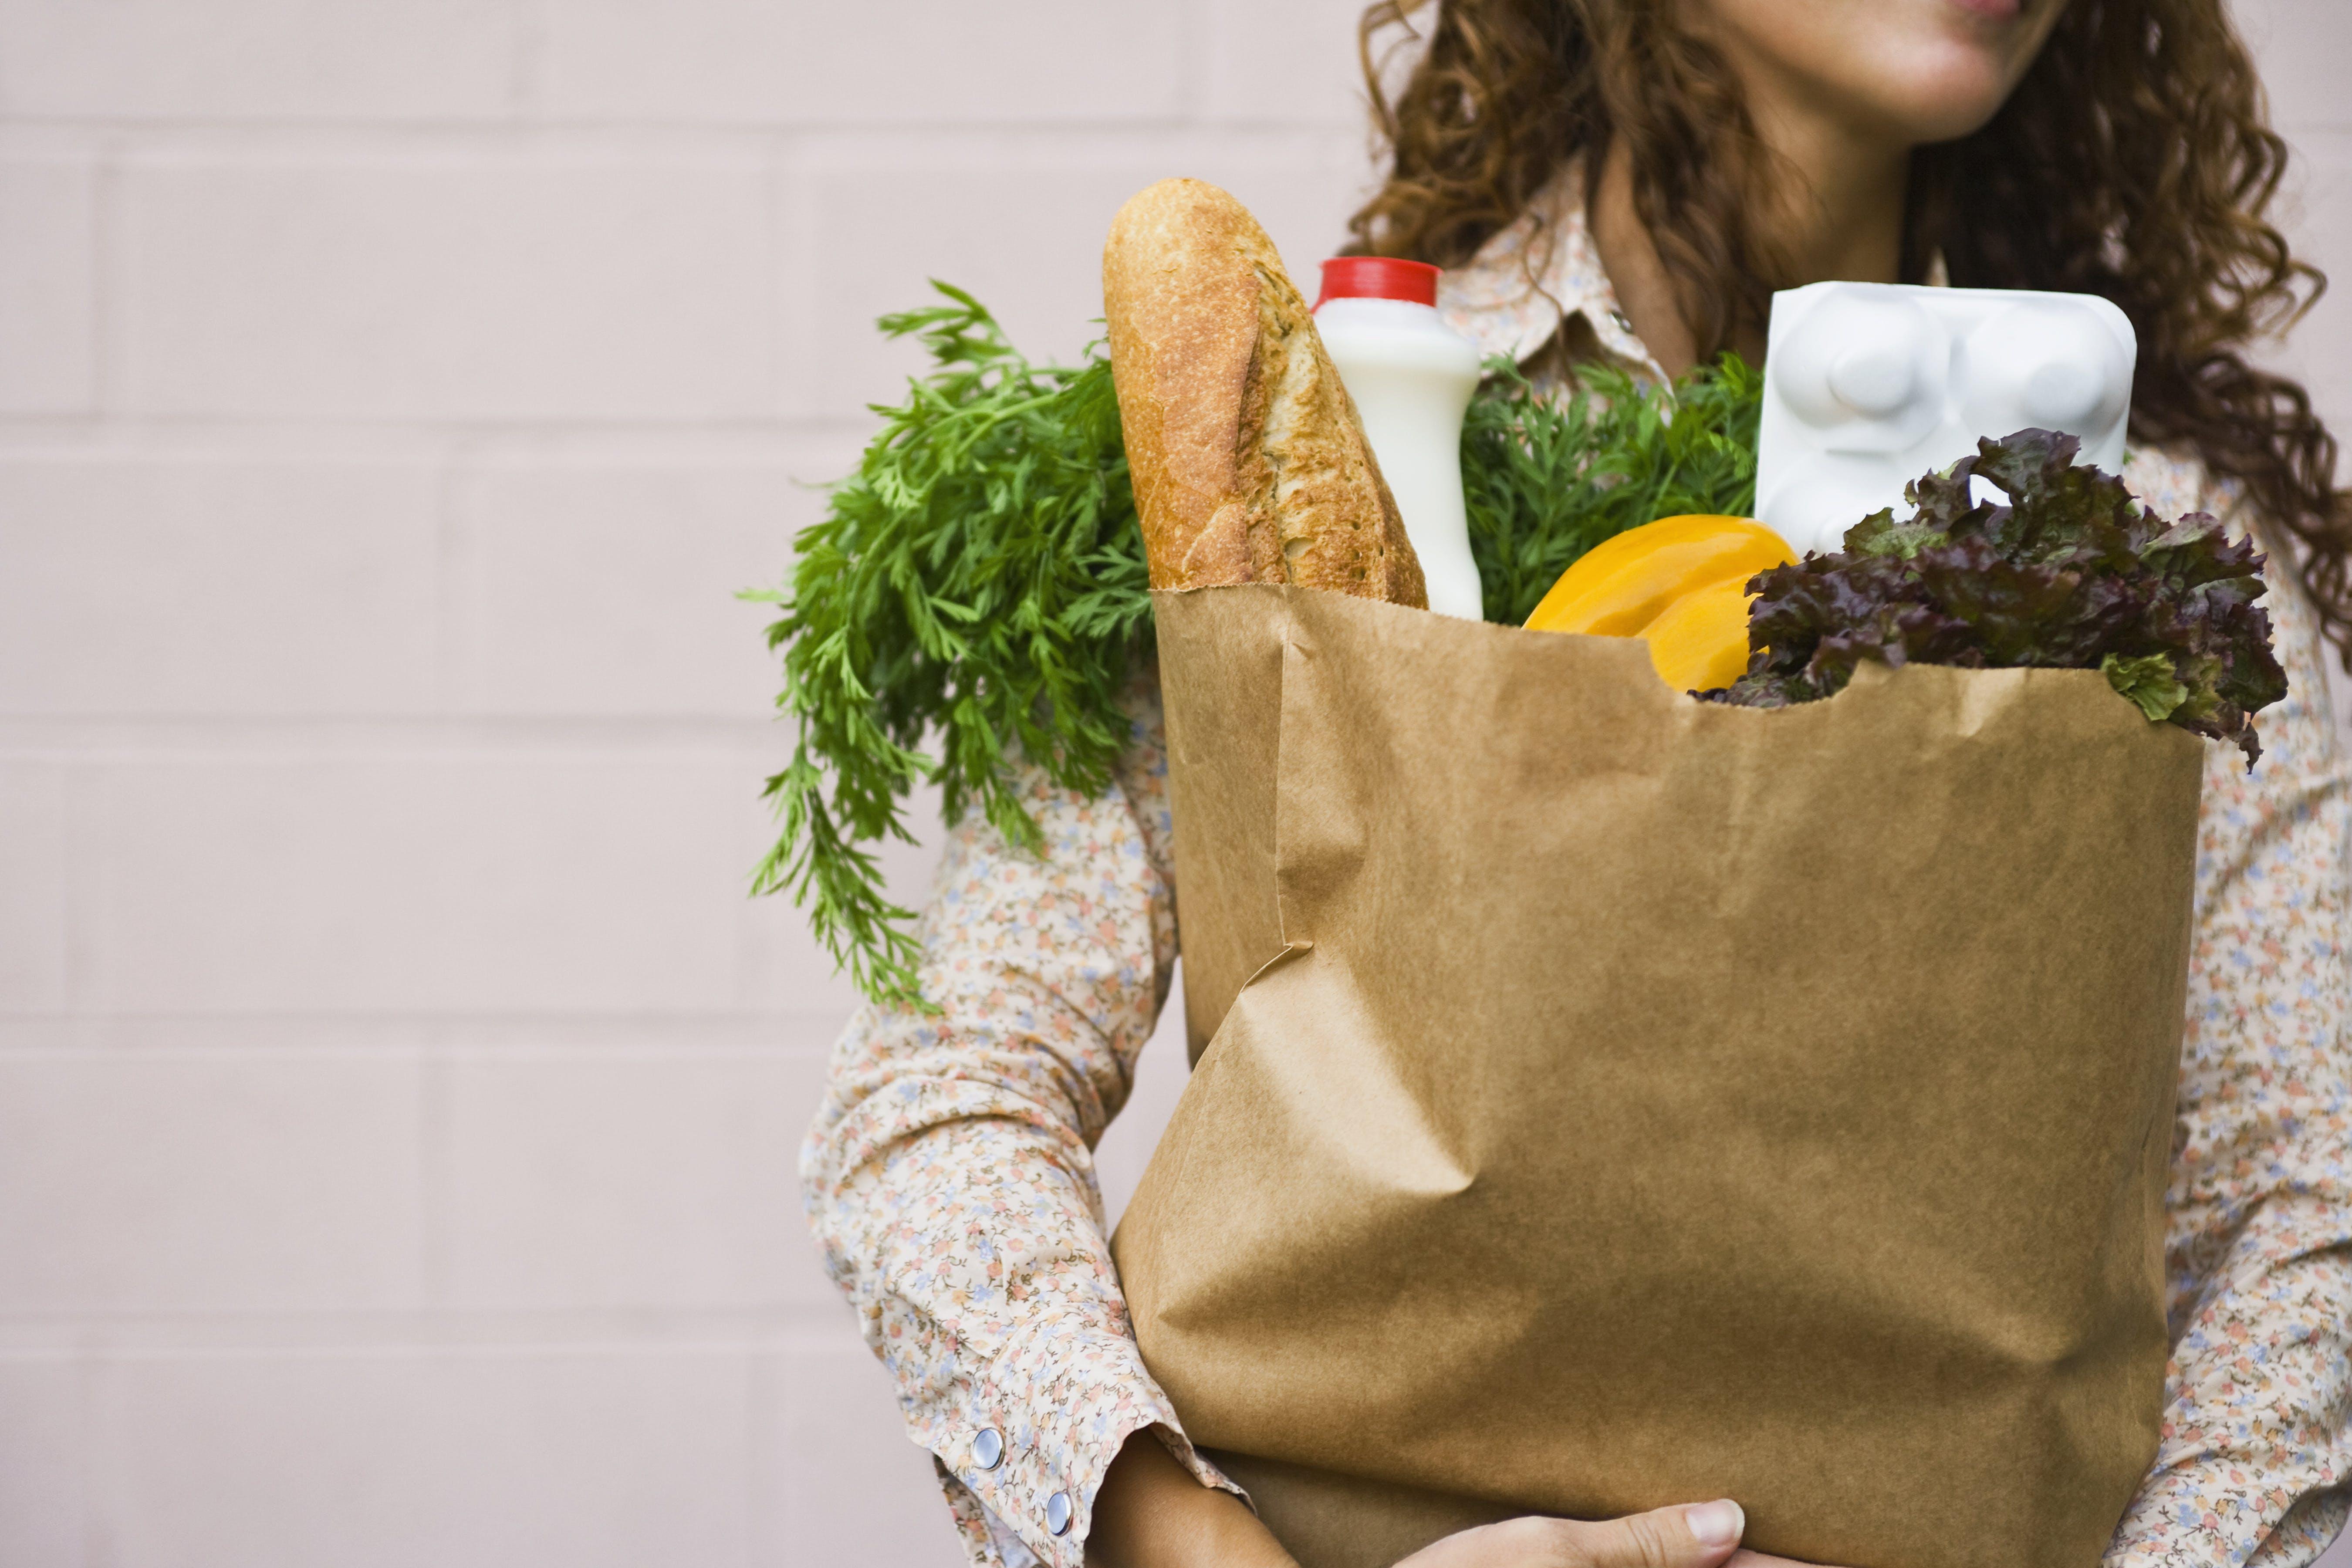 Tackling Food Waste at Home